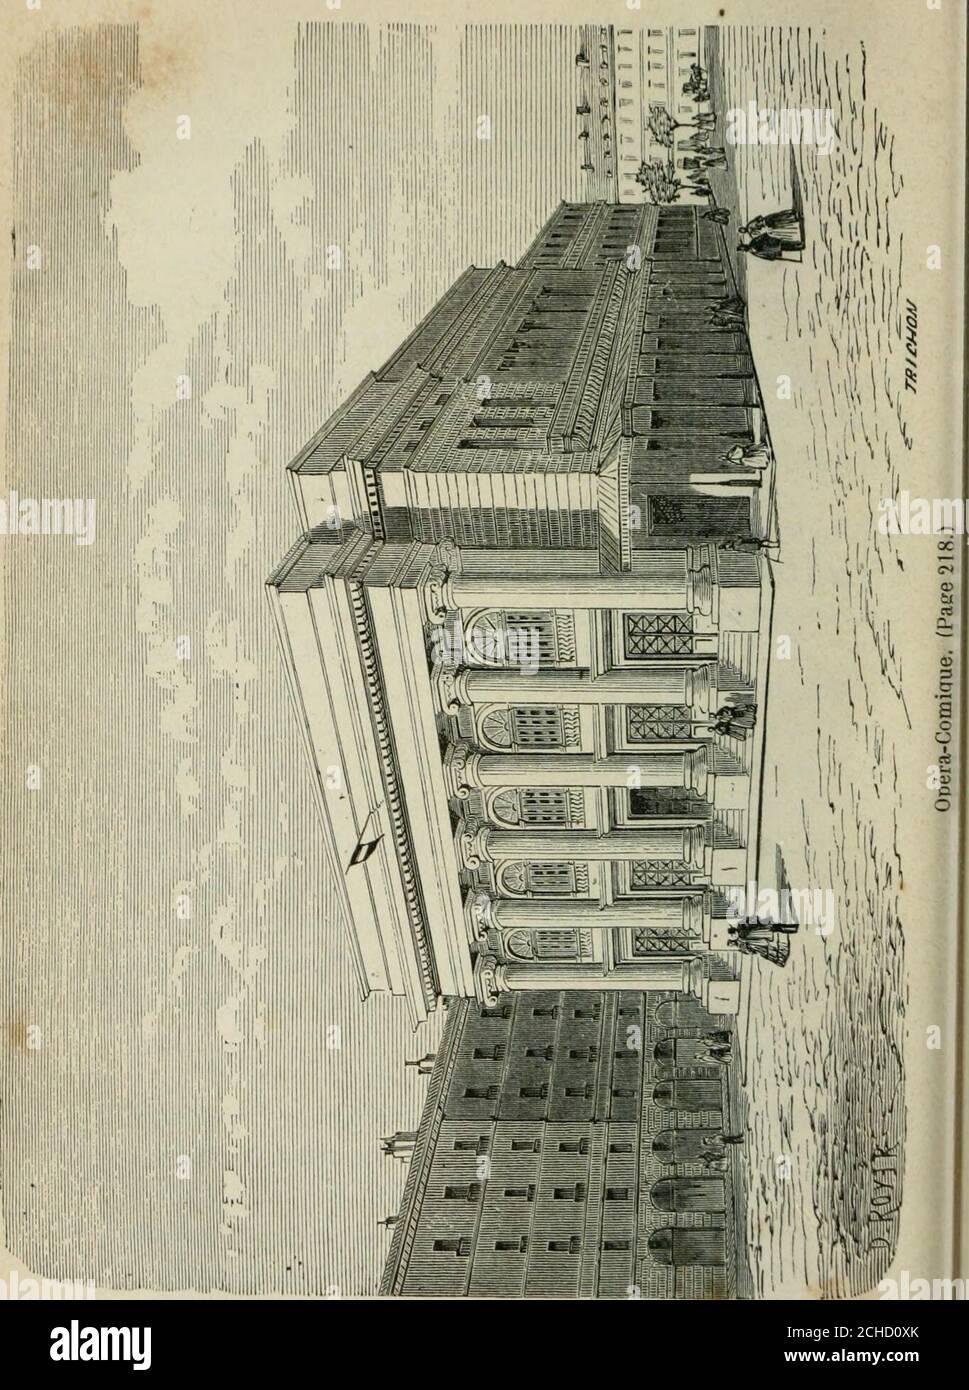 . Les merveilles du nouveau Paris-- . ne-Comédie), vis-à-vis le Café Procope. Leur séjour dans ce théâtre, jusquen 1770, fut lépoquela plus brillante de la Comédie-Française. On y vit réunis,au Milieu du dix-huitième siècle, Grandval, le Kain, Belle-Cour, Préville, Mole, Monval, les Dugazon, les Duménil, lesClairon, les Contât et tant dautres. La salle étant devenueinsuffisante par laffence des spectateurs français et étran-gers, on en construisit une spéciale sur lemplacementactuel de lOdéon, et la Comédie-Française sy installaen 1782, après avoir joué pendant douze ans aux TUI-leries. La l Stockfoto